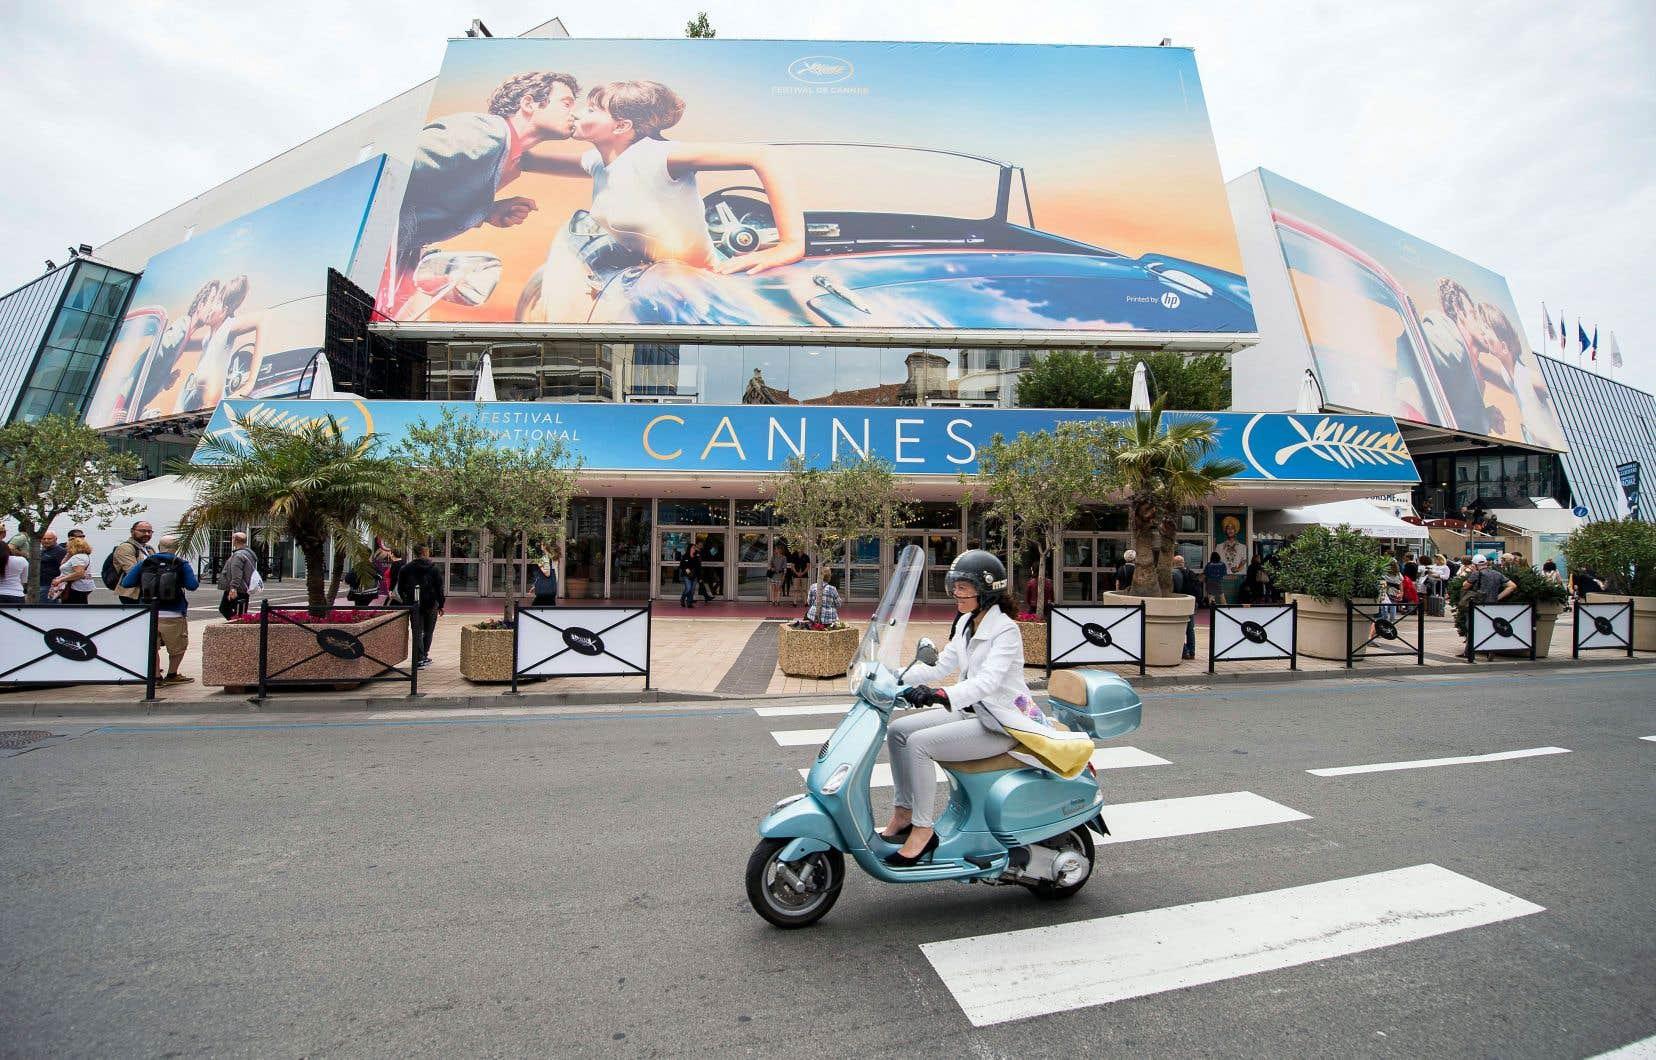 À 24heures d'une 71eédition du Festival de Cannes sans Weinstein, Netflix ni égoportrait, Jean-Paul Belmondo et Anna Karina s'embrassent déjà au fronton du Palais, et les stars, la présidente du jury Cate Blanchett en tête, arrivent sur la Croisette.